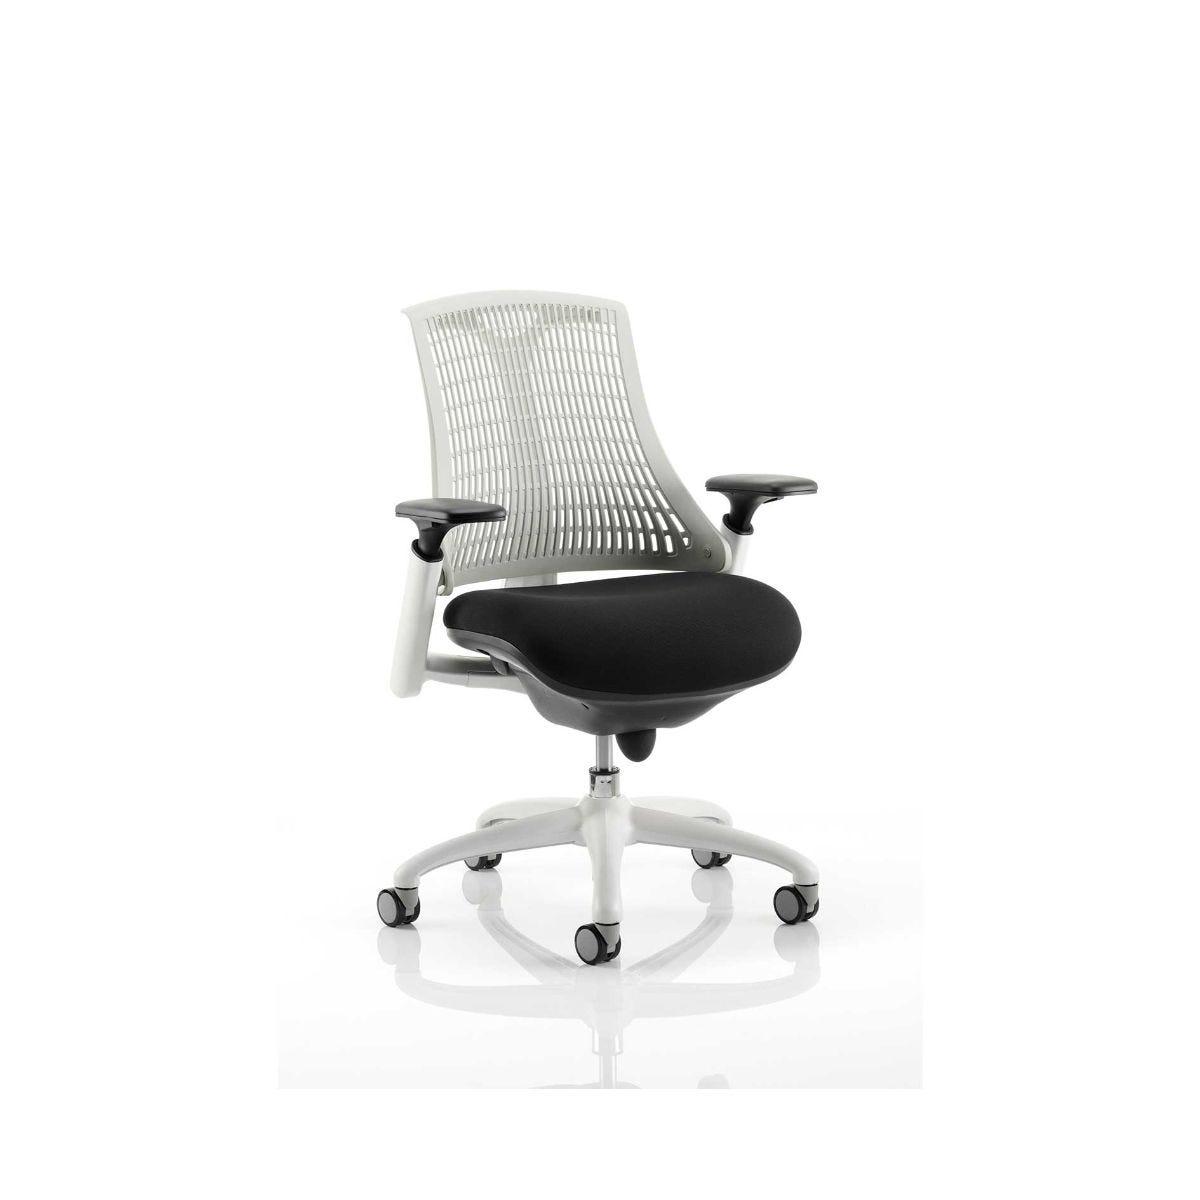 Flex Operator Office Chair White Frame, Moonstone